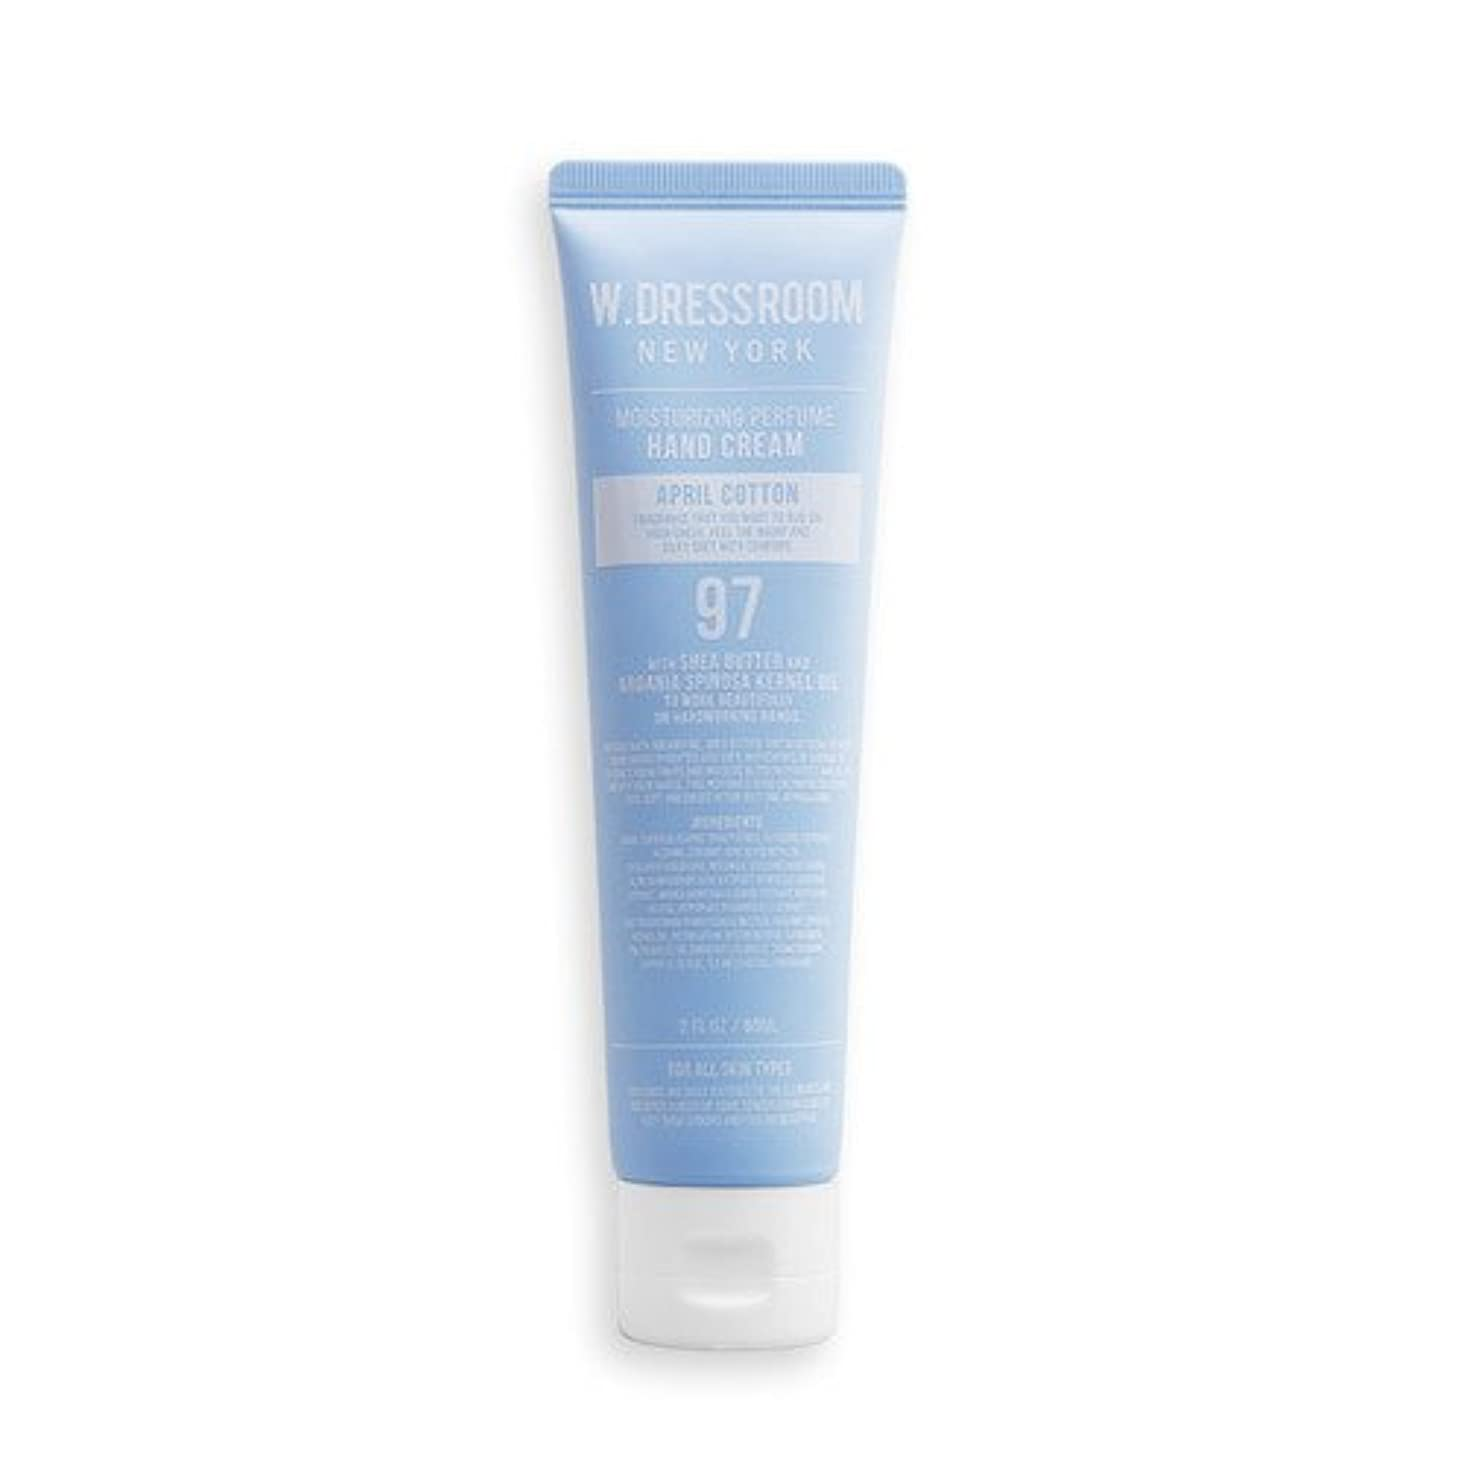 恋人見習い成長W.DRESSROOM Moisturizing Perfume Hand Cream 60ml/ダブルドレスルーム モイスチャライジング パフューム ハンドクリーム 60ml (#No.97 April Cotton)...